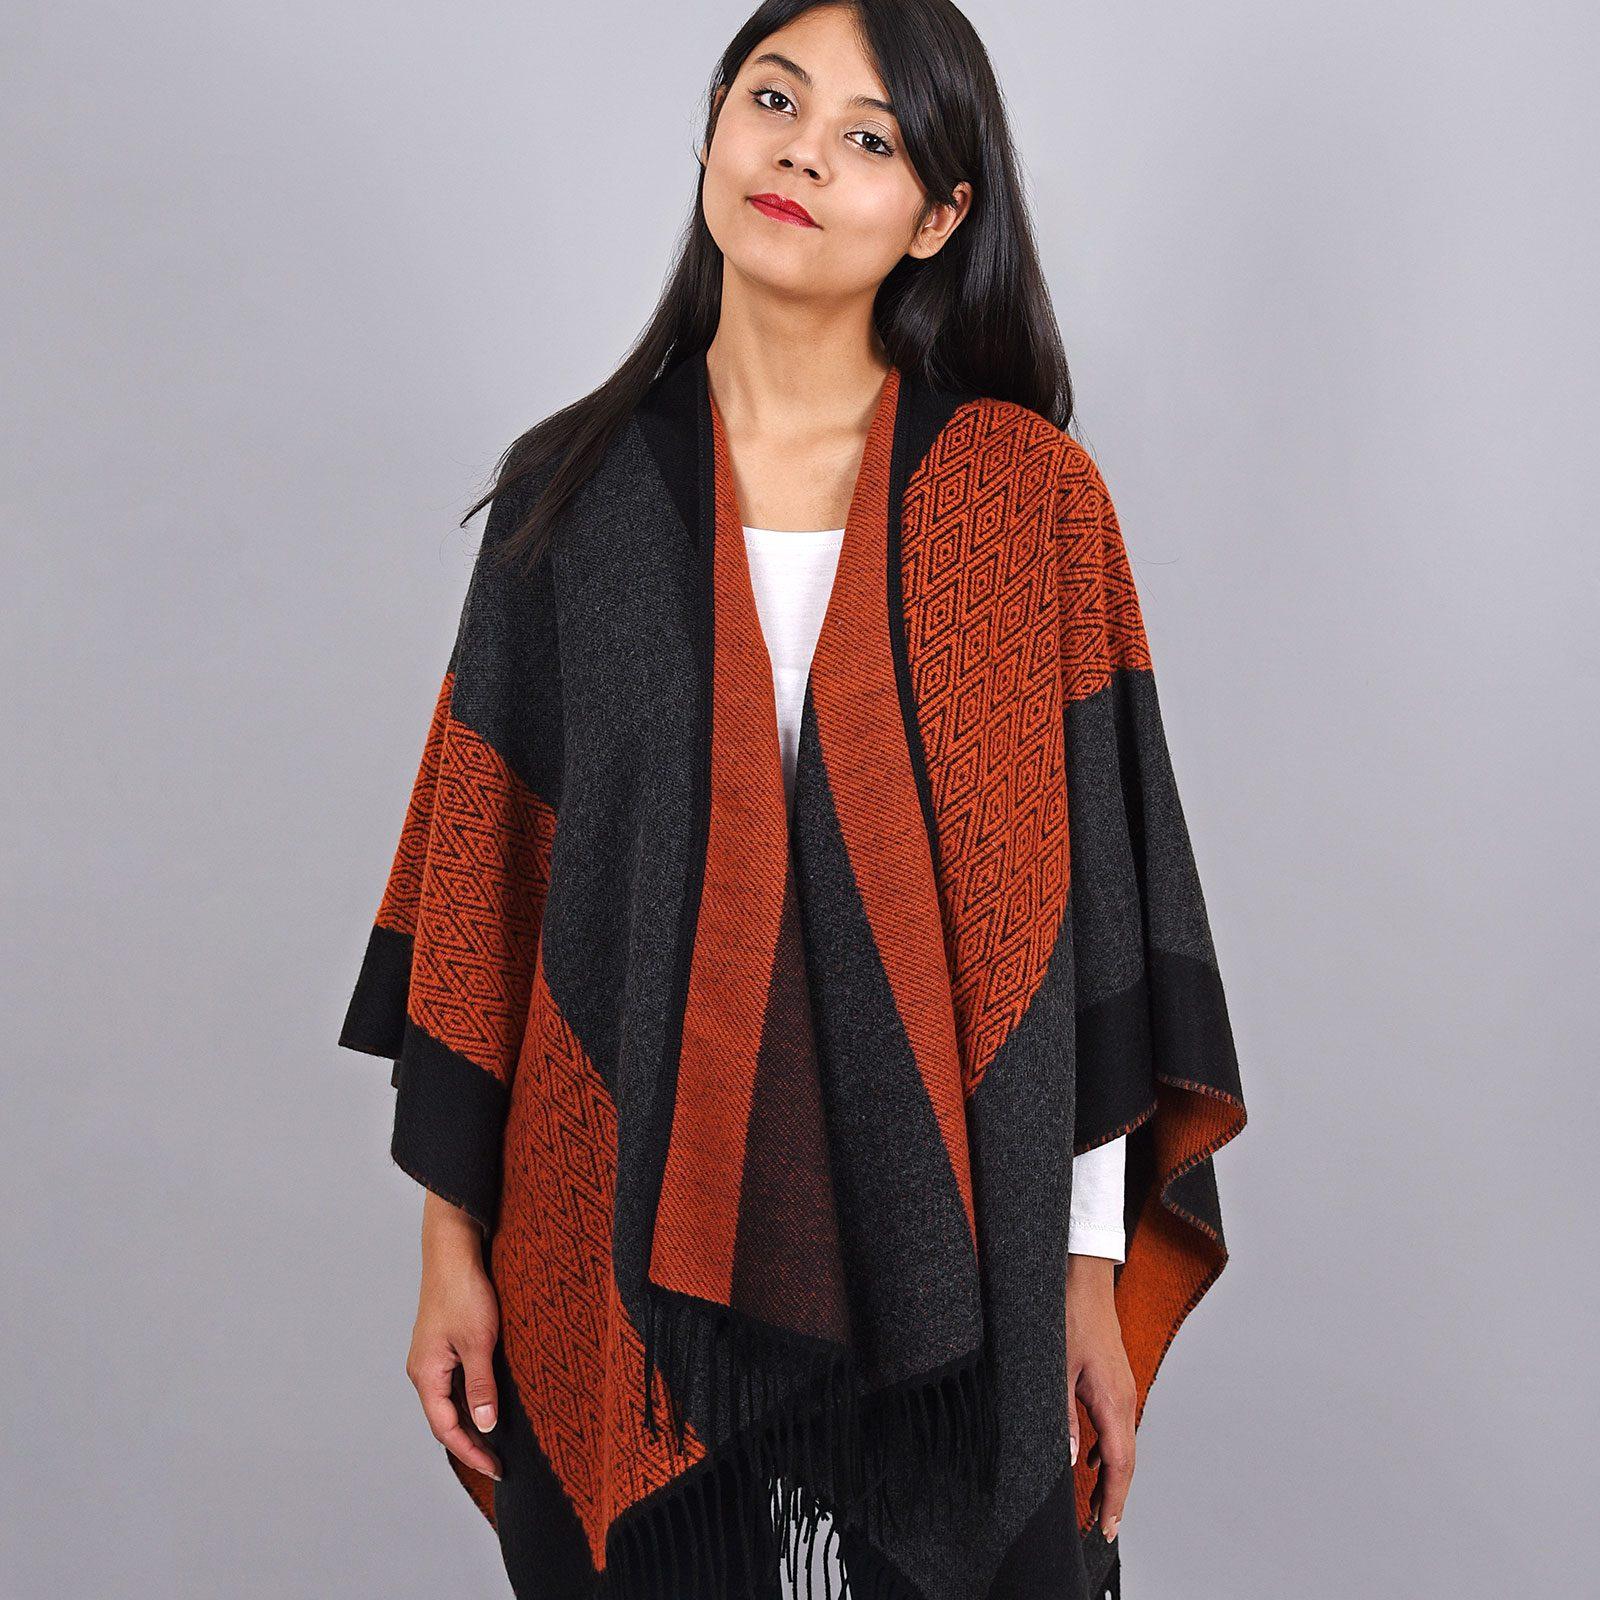 http://lookbook.allee-du-foulard.fr/wp-content/uploads/2019/01/AT-03964-VF16-poncho-femme-rouge-noir-1600x1600.jpg